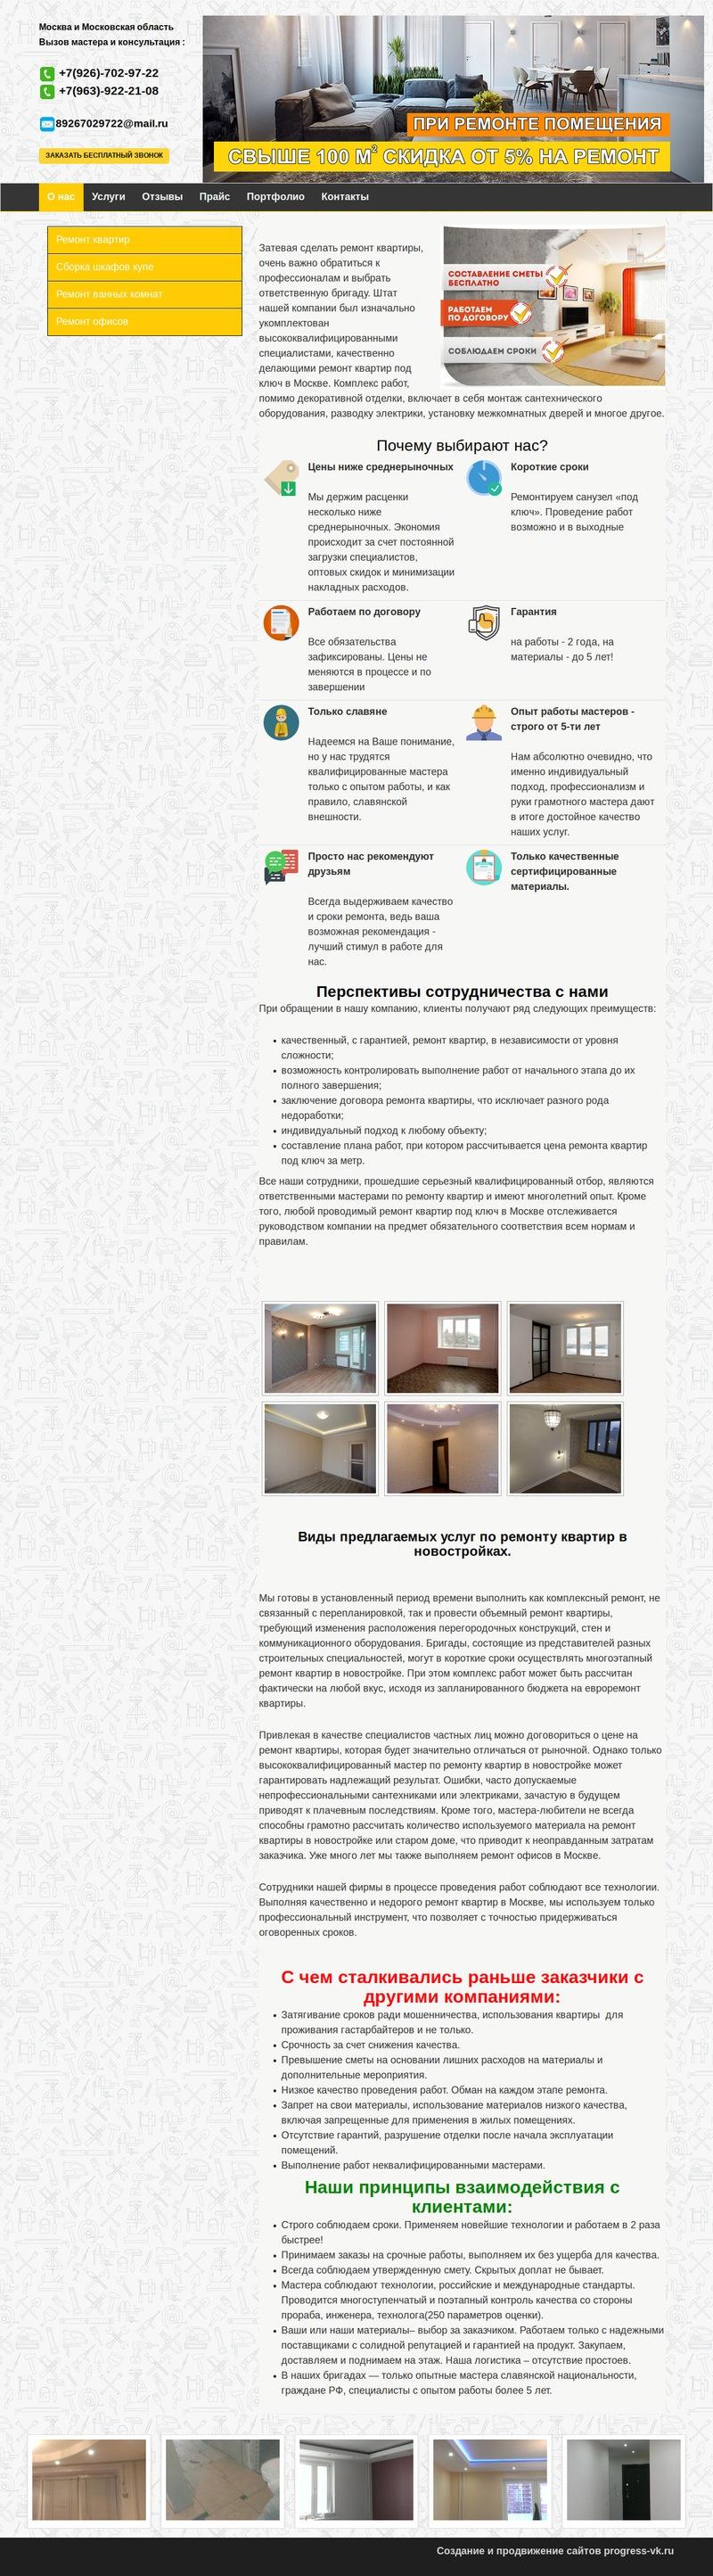 Создание сайта по ремонту и отделке квартир